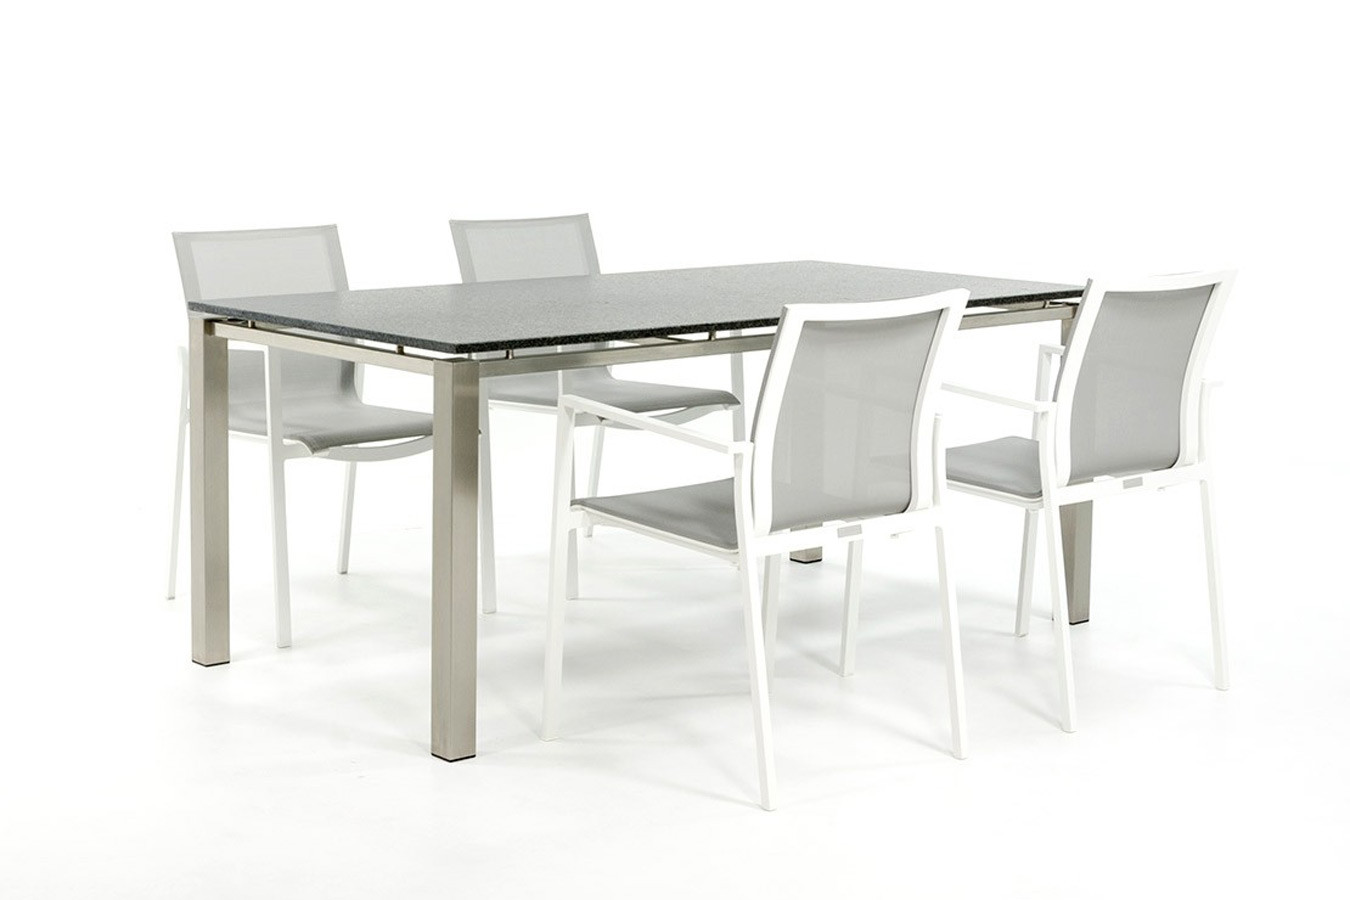 Gartentisch aus Edelstahl mit Granitplatte und weißen Gartenstühlen